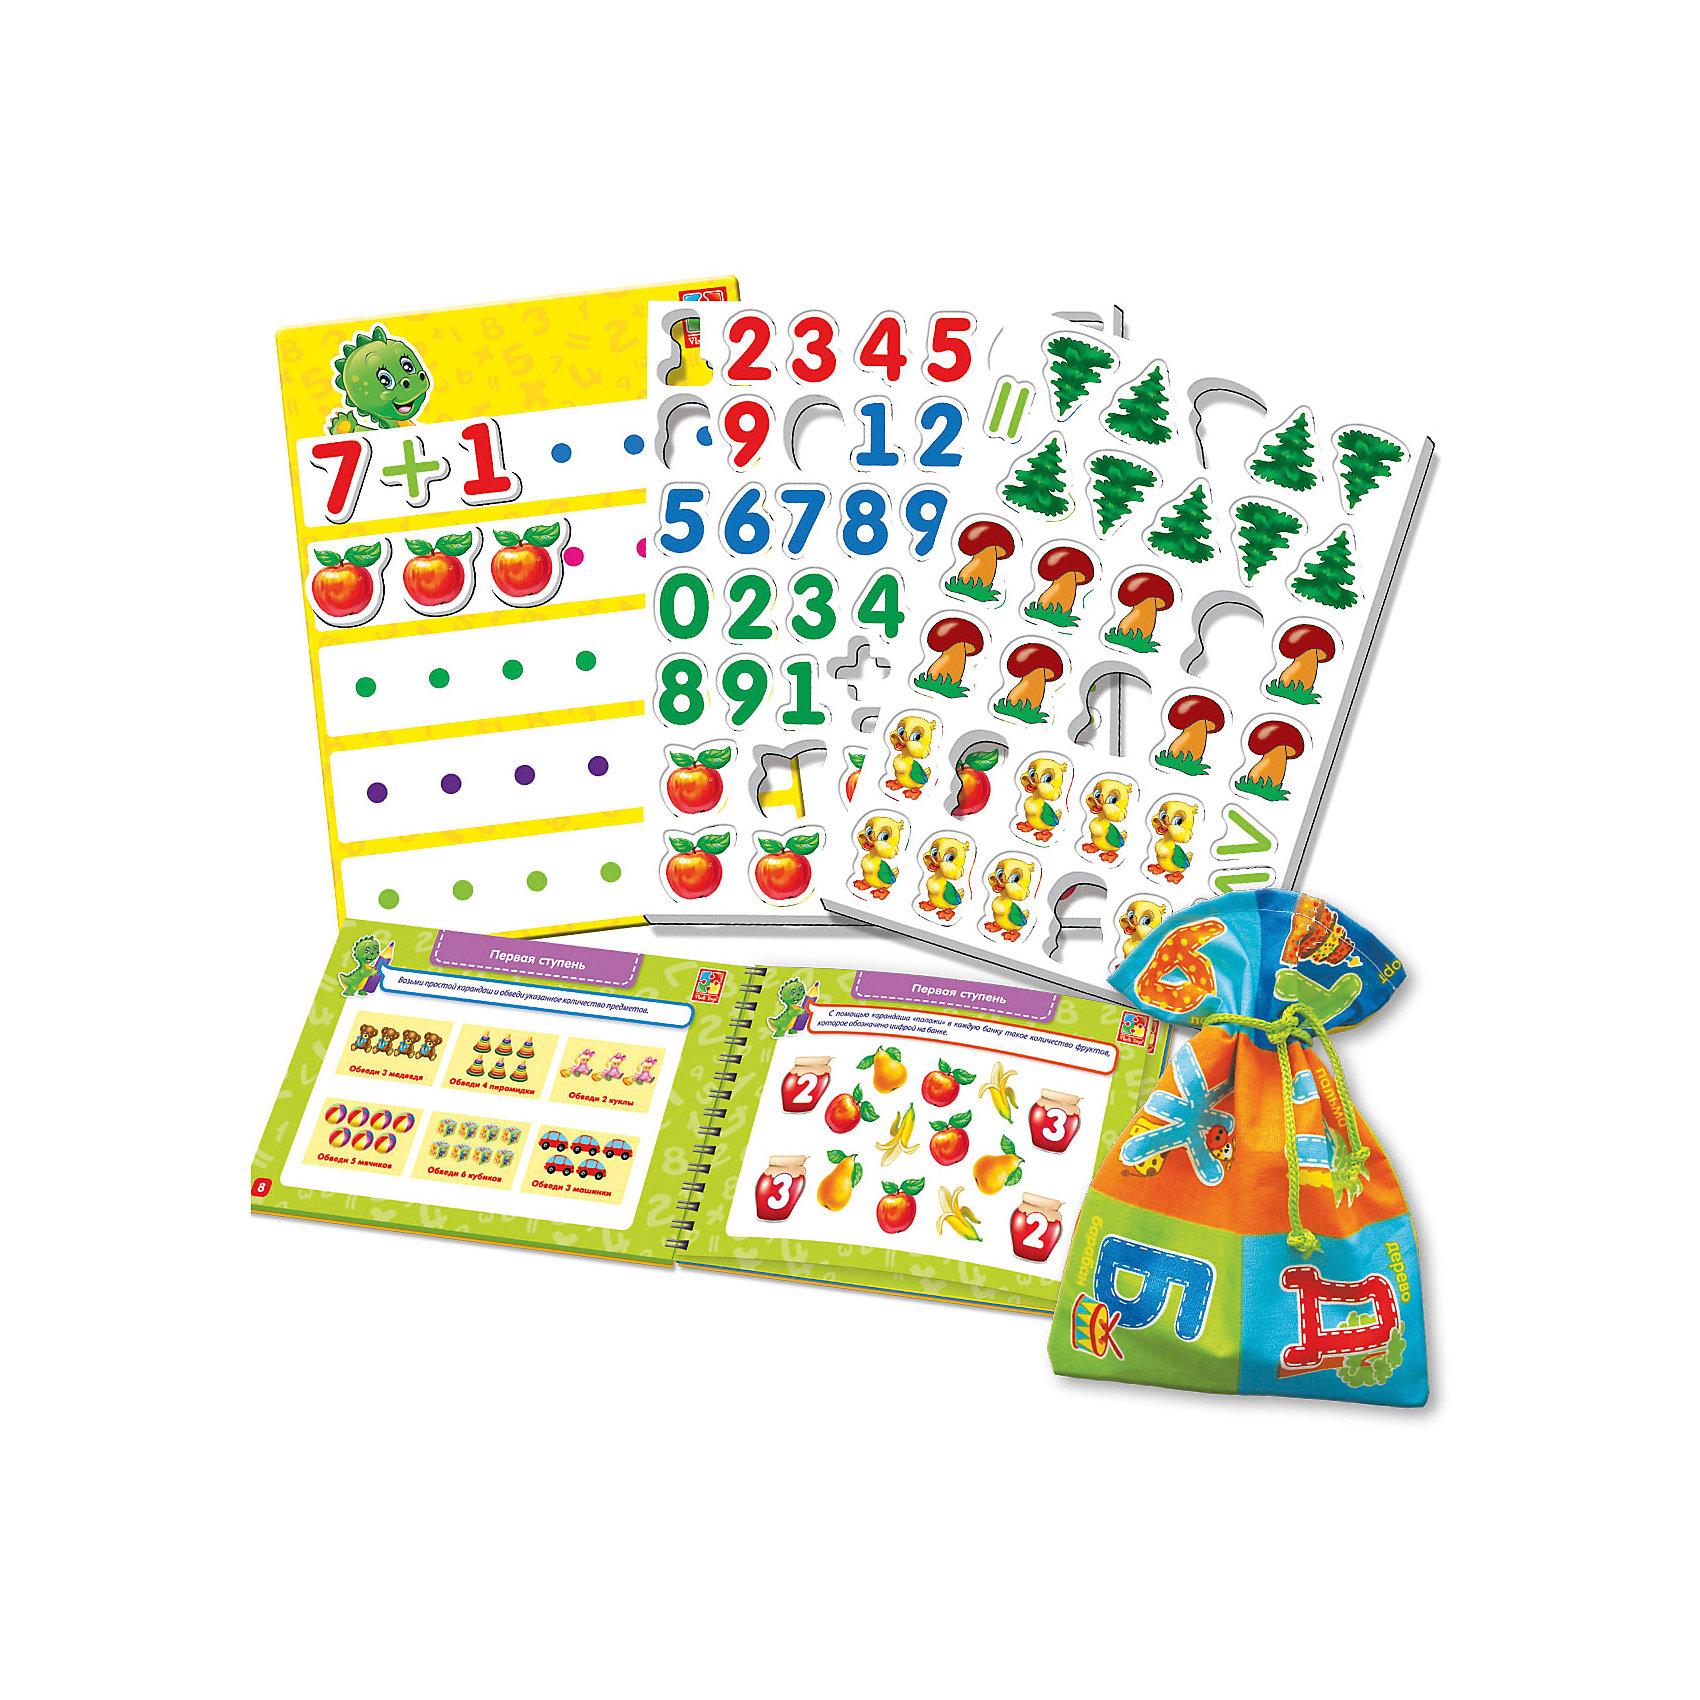 Настольная игра Больше чем Математика, Vladi ToysРазвивающие игры<br>Характеристики:<br><br>• Вид игр: обучающие, развивающие<br>• Серия: Настольные игры<br>• Пол: универсальный<br>• Материал: картон, пластик, текстиль, магнит<br>• Цвет: голубой, красный, оранжевый, зеленый, желтый и др.<br>• Комплектация: магнитная доска, декоративные наклейки, 30 магнитных цифр, 13 магнитных математических знаков, 40 магнитных картинок, игровой кубик, методическое пособие с заданиями, текстильный мешочек<br>• Размеры упаковки (Д*Ш*В): 39,5*7,1*30 см<br>• Тип упаковки: картонный чемоданчик<br>• Вес в упаковке: 950 г<br>• Предусмотрено несколько вариантов игр<br>• Возможность вариации заданий по сложности <br><br>Настольная игра Больше чем Математика, Vladi Toys, производителем которых является компания, специализирующаяся на выпуске развивающих игр, давно уже стали популярными среди аналогичной продукции. Развивающие настольные игры являются эффективным способом развития и обучения ребенка. Игра Больше чем Математика отличается комплексным подходом к подготовке ребенка к школе: в ней предусмотрены игры и задания разного уровня сложности. Все элементы отличаются яркостью красок и наглядностью. Все используемые в производстве материалы являются экологически безопасными, не вызывают аллергии, не имеют запаха. Набор состоит из магнитной доски, набора из 30 цифр и 13 знаков с мешочком для их хранения, декоративных наклеек и 40 магнитных картинок. В комплекте предусмотрено пособие с разноуровневыми заданиями с главным героем динозавриком Тимой.<br>Занятия с настольной игрой Больше чем Математика, Vladi Toys позволят в легкой игровой форме выучить цифры, решать примеры, развивать воображение и обогатить словарный запас ребенка.<br><br>Настольную игру Больше чем Математика, Vladi Toys можно купить в нашем интернет-магазине.<br><br>Ширина мм: 395<br>Глубина мм: 71<br>Высота мм: 300<br>Вес г: 950<br>Возраст от месяцев: 24<br>Возраст до месяцев: 84<br>Пол: Унисекс<br>Возраст: Детский<br>SKU: 